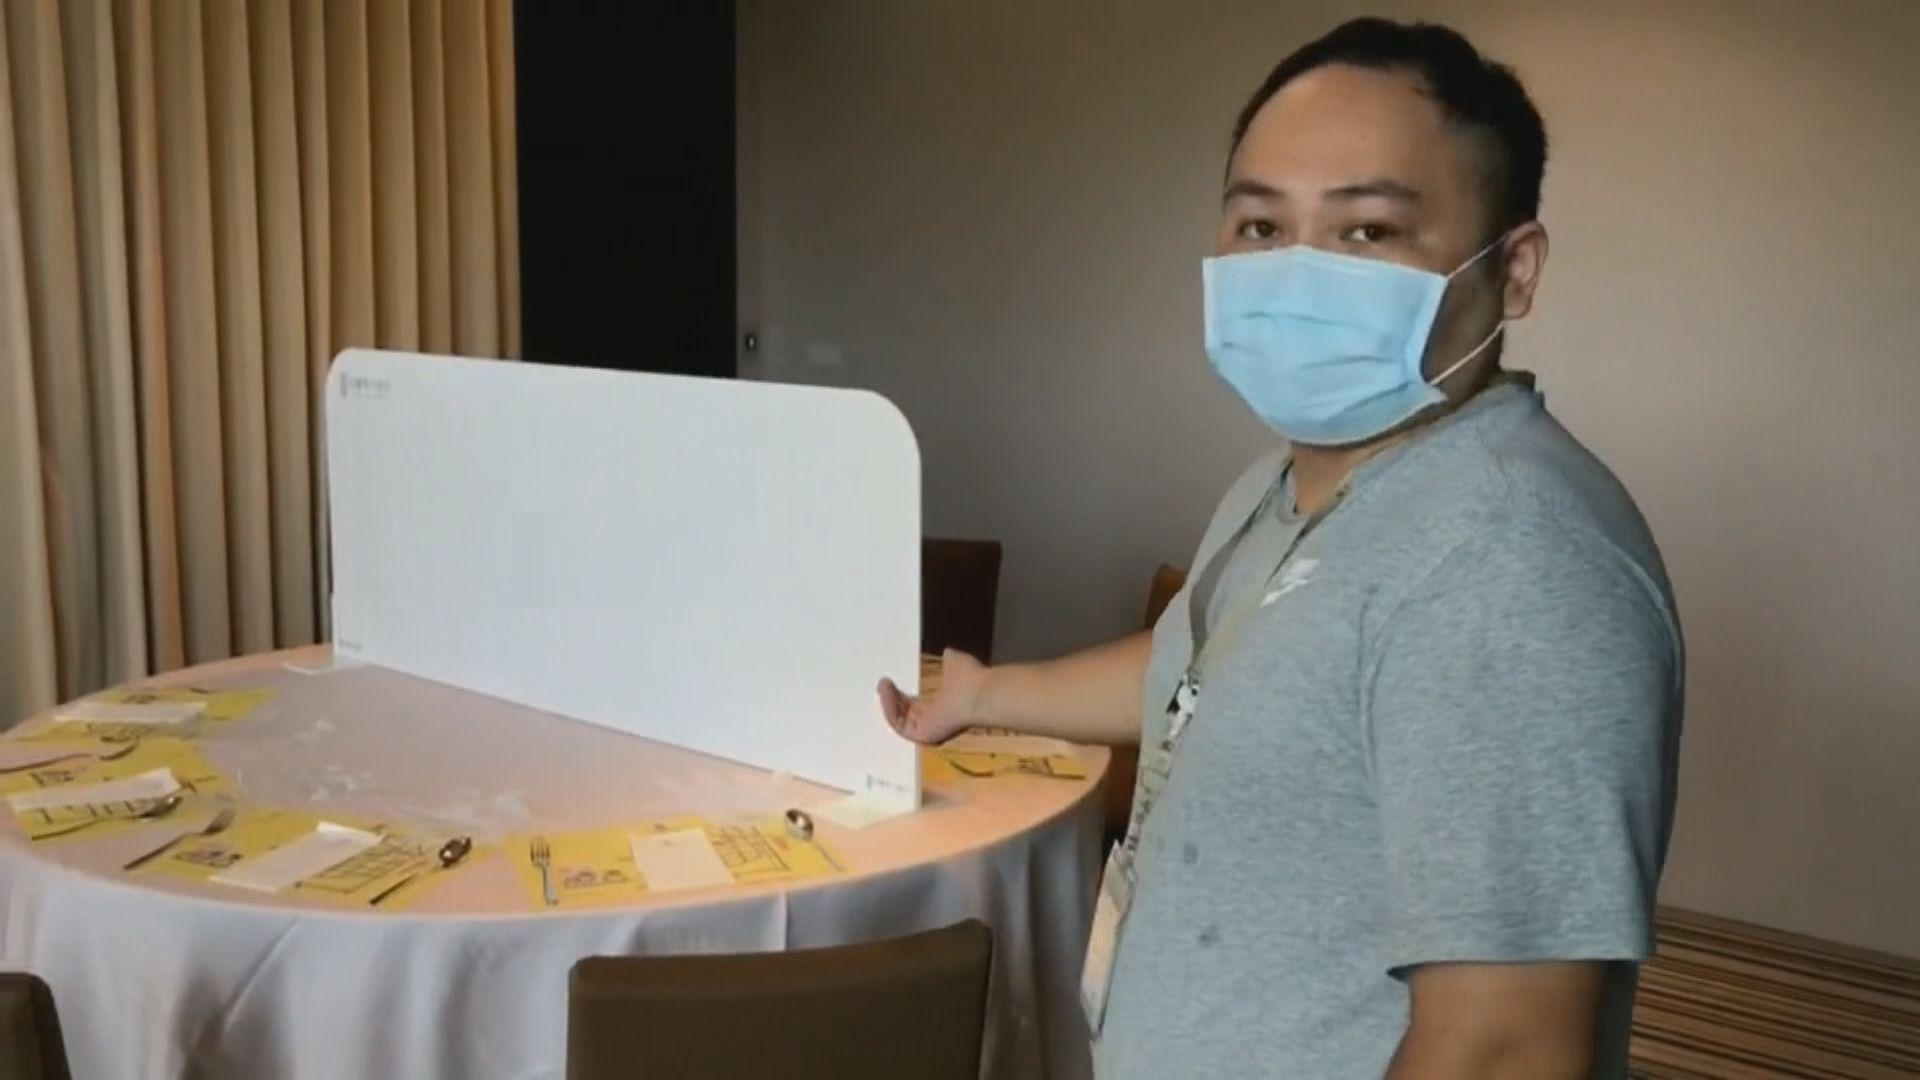 台灣維持三級警戒至本月26日 餐廳有條件恢復堂食